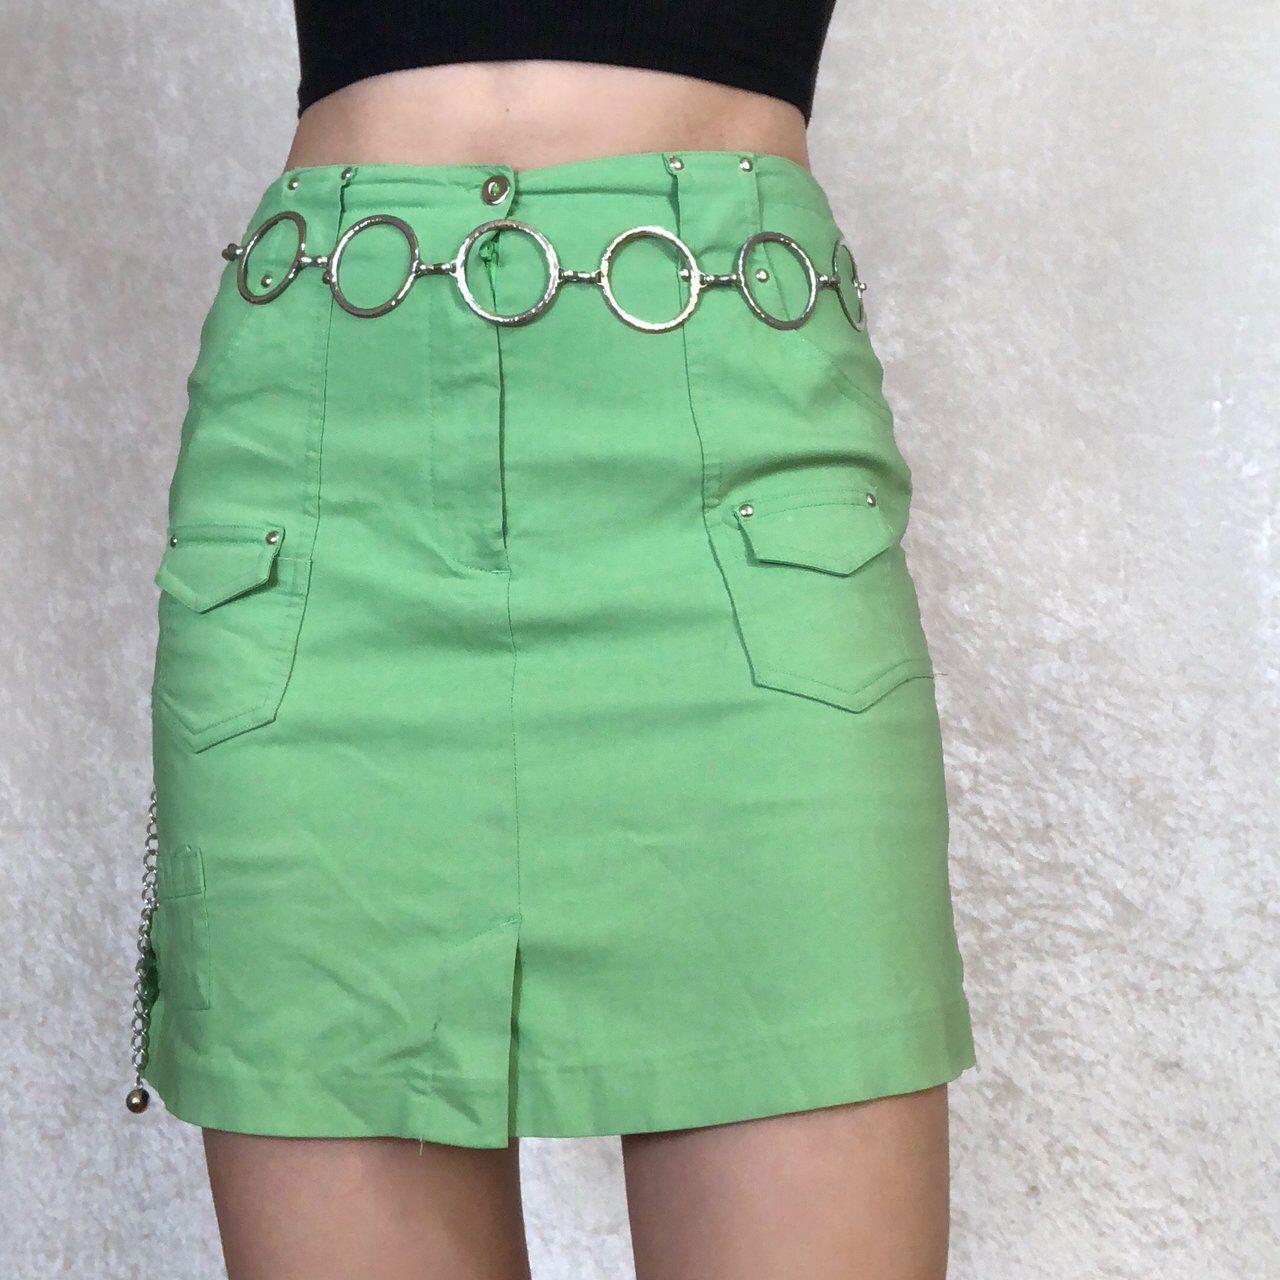 06d7e5212 Listed on Depop by heshecherie   depop   Depop, High waisted skirt ...